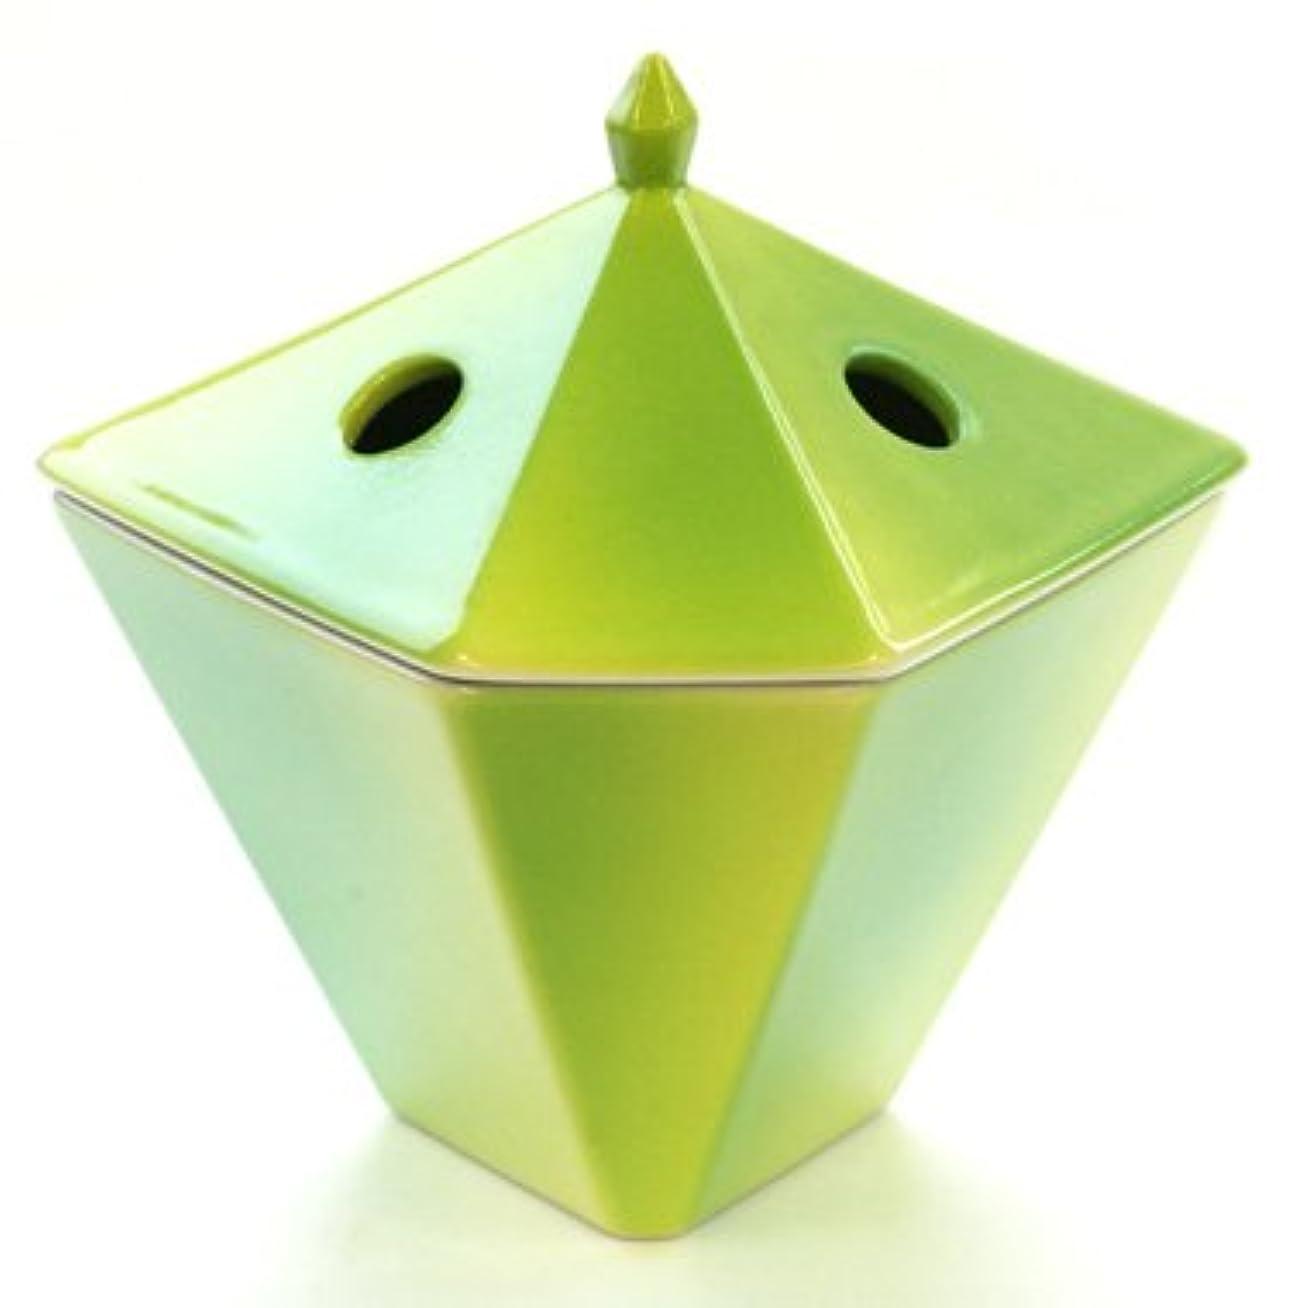 カニ注ぎます受益者縁香炉 黄緑